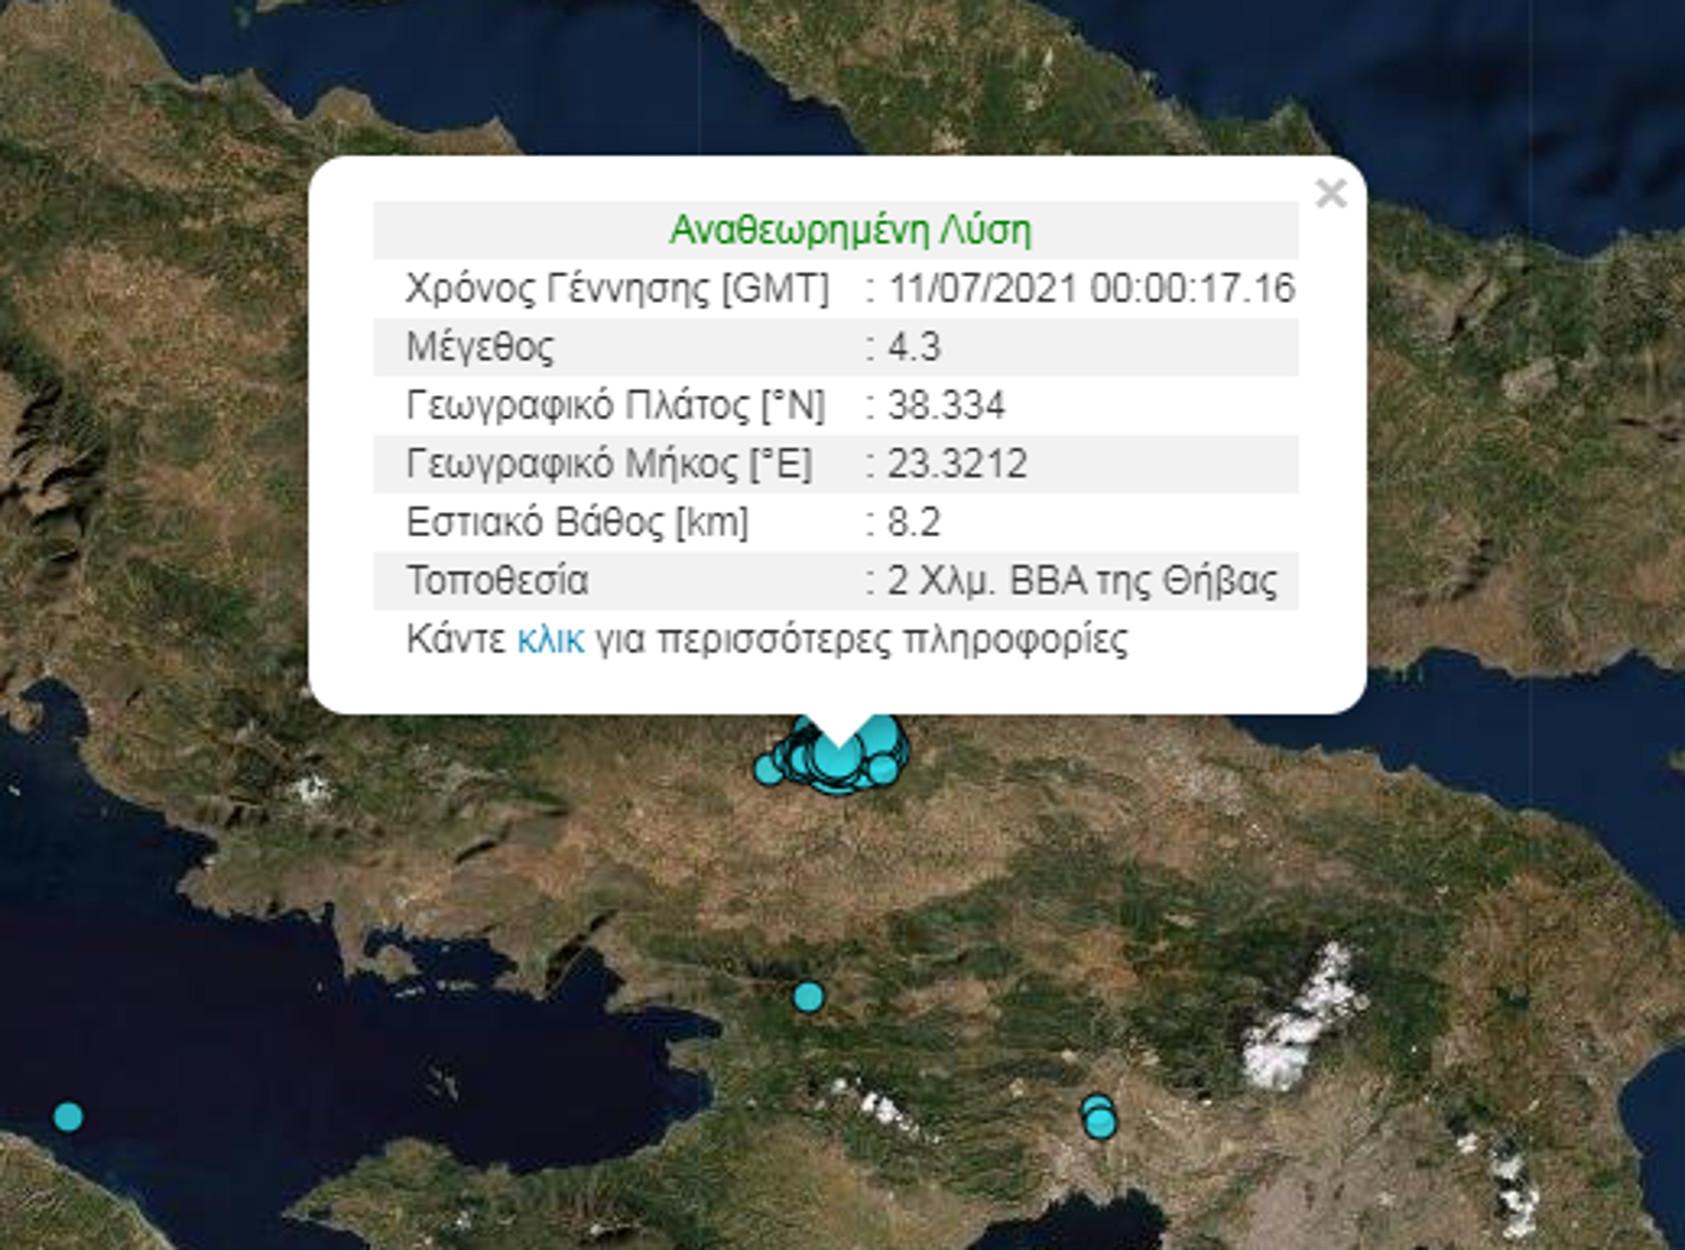 Σεισμός 4,3 στην Θήβα – Τι λέει ο σεισμολόγος Ευθύμιος Λέκκας